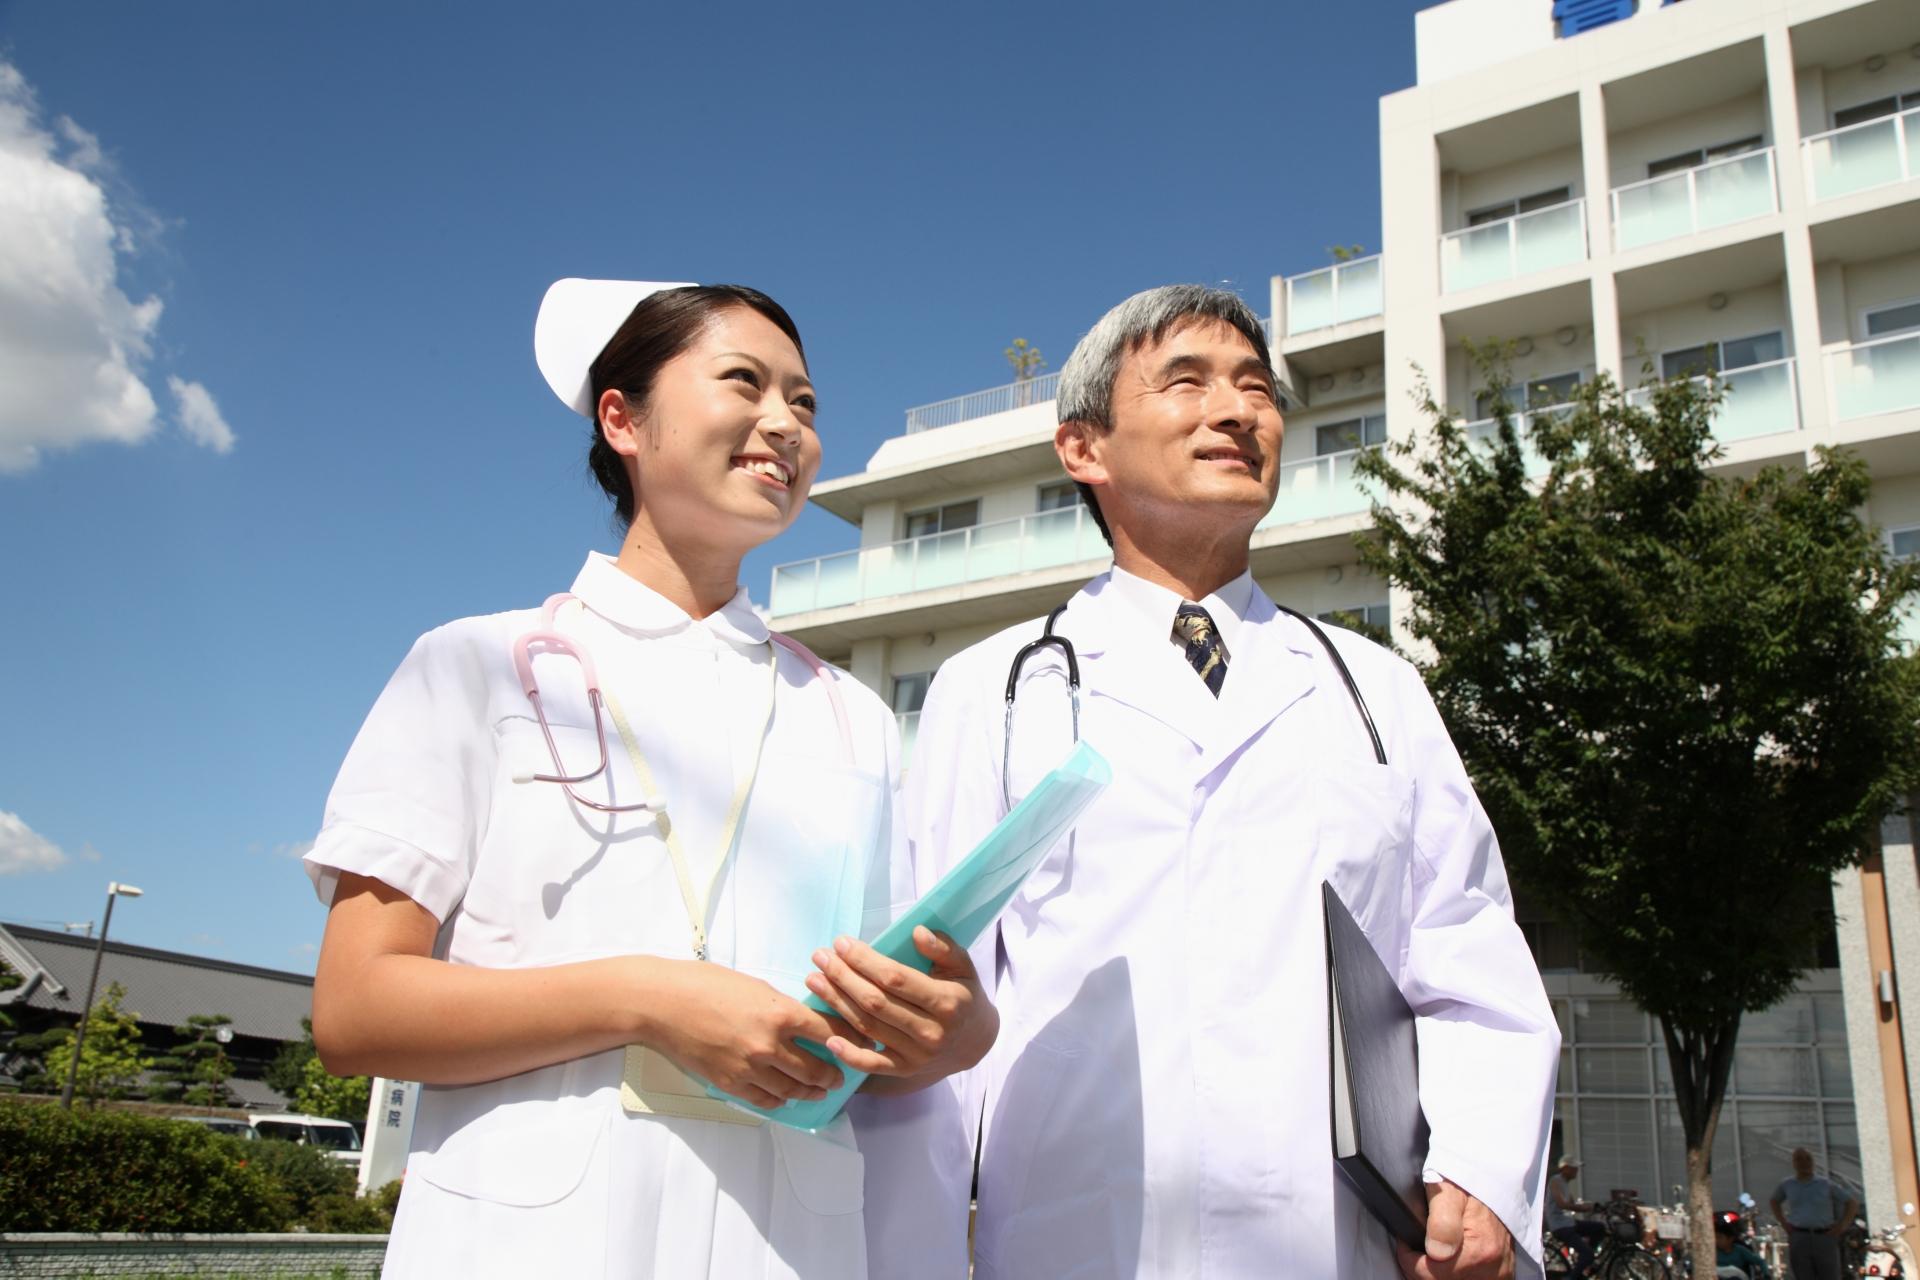 看護師 人間関係